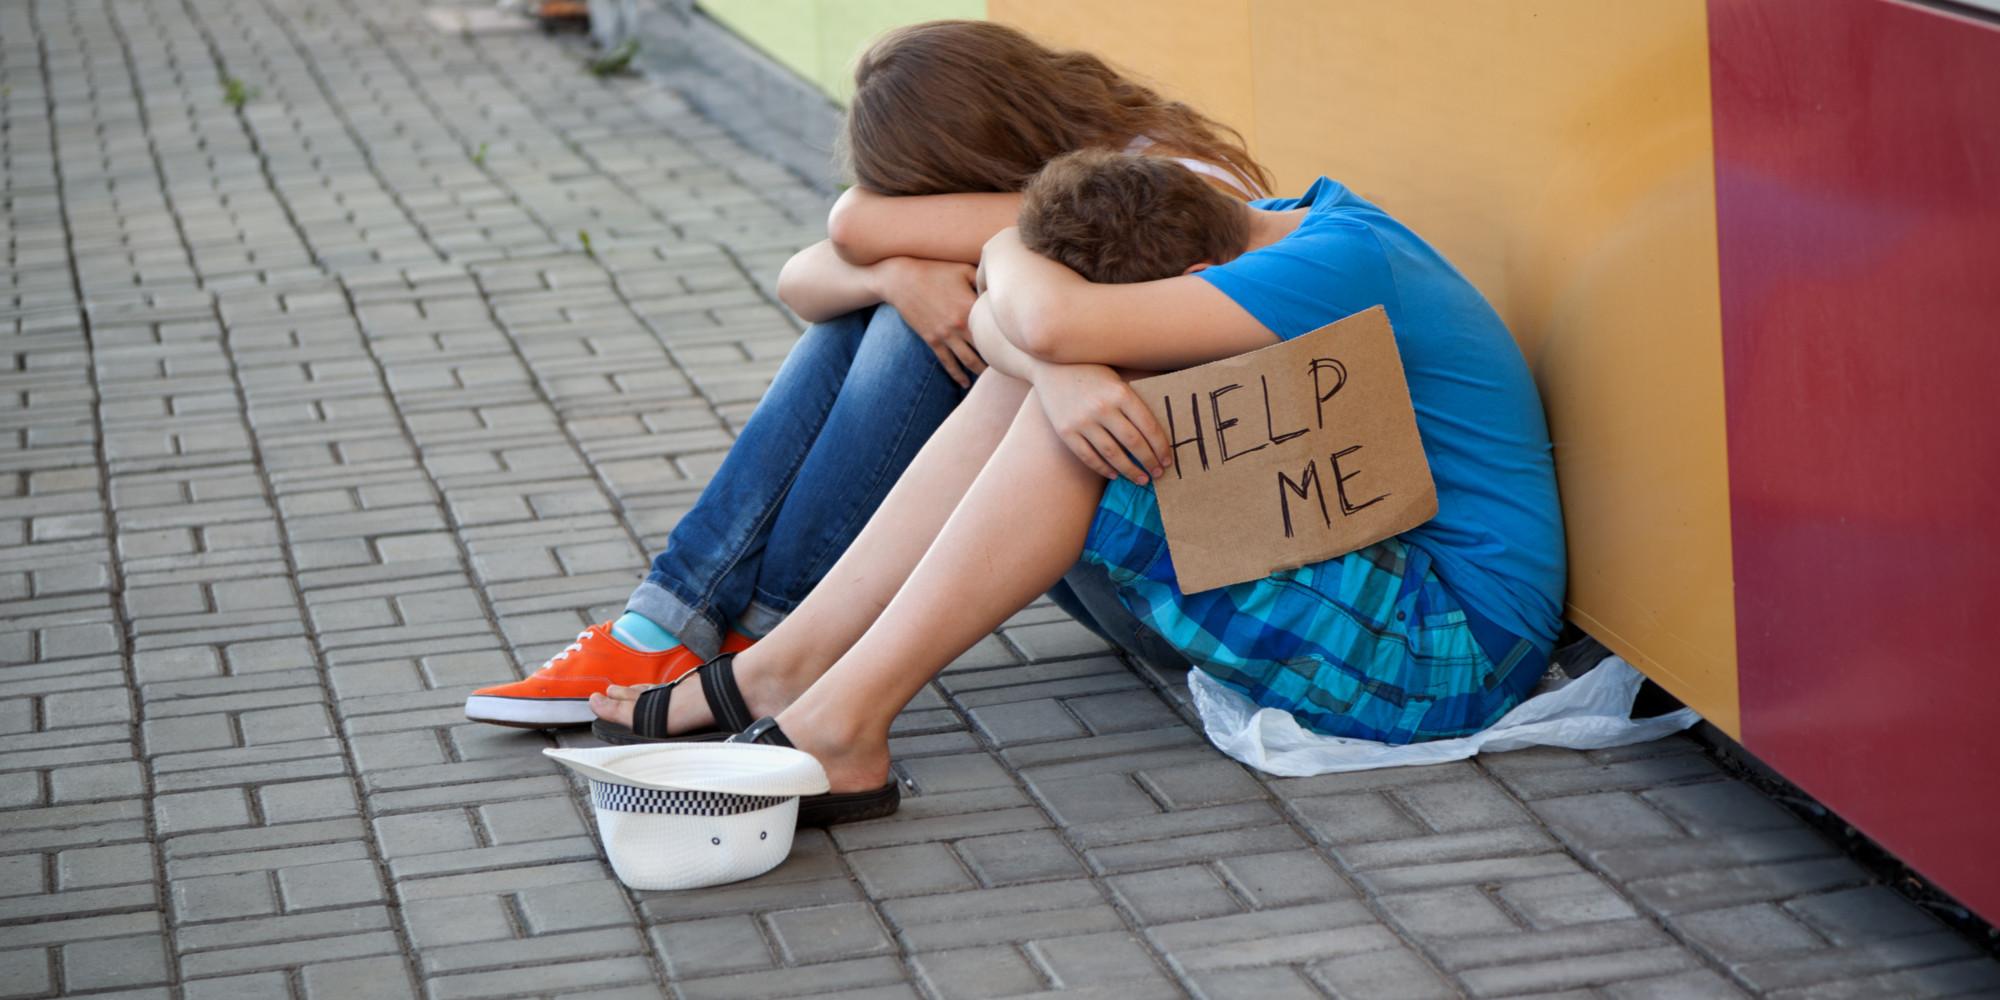 ارتفاع معدلات فقر الأطفال بدول العالم المتقدم